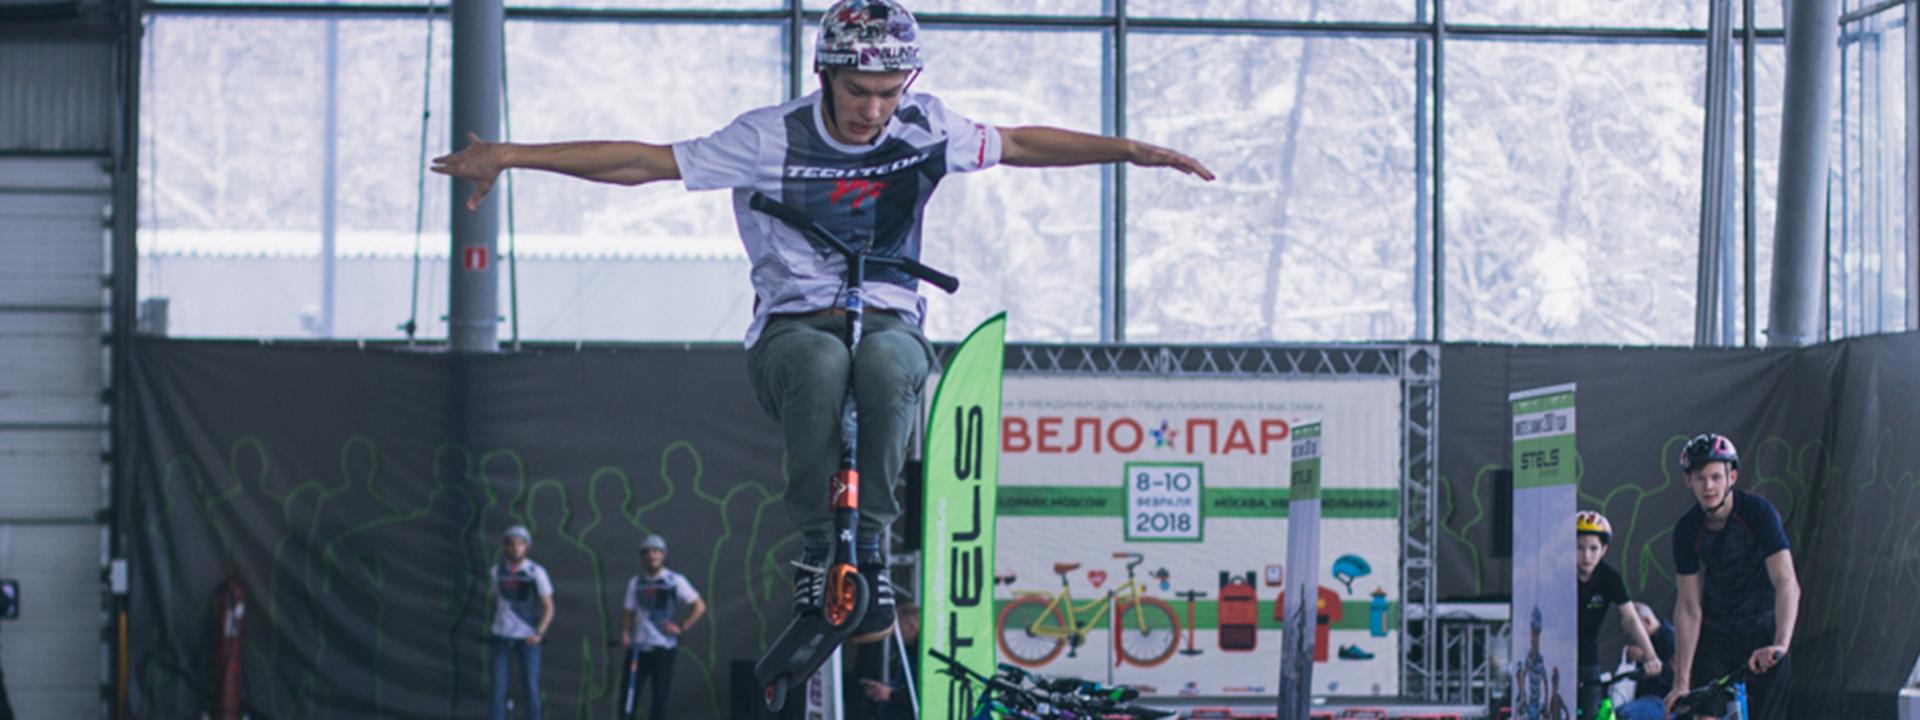 Сергей Гуляев из команды TT Pro